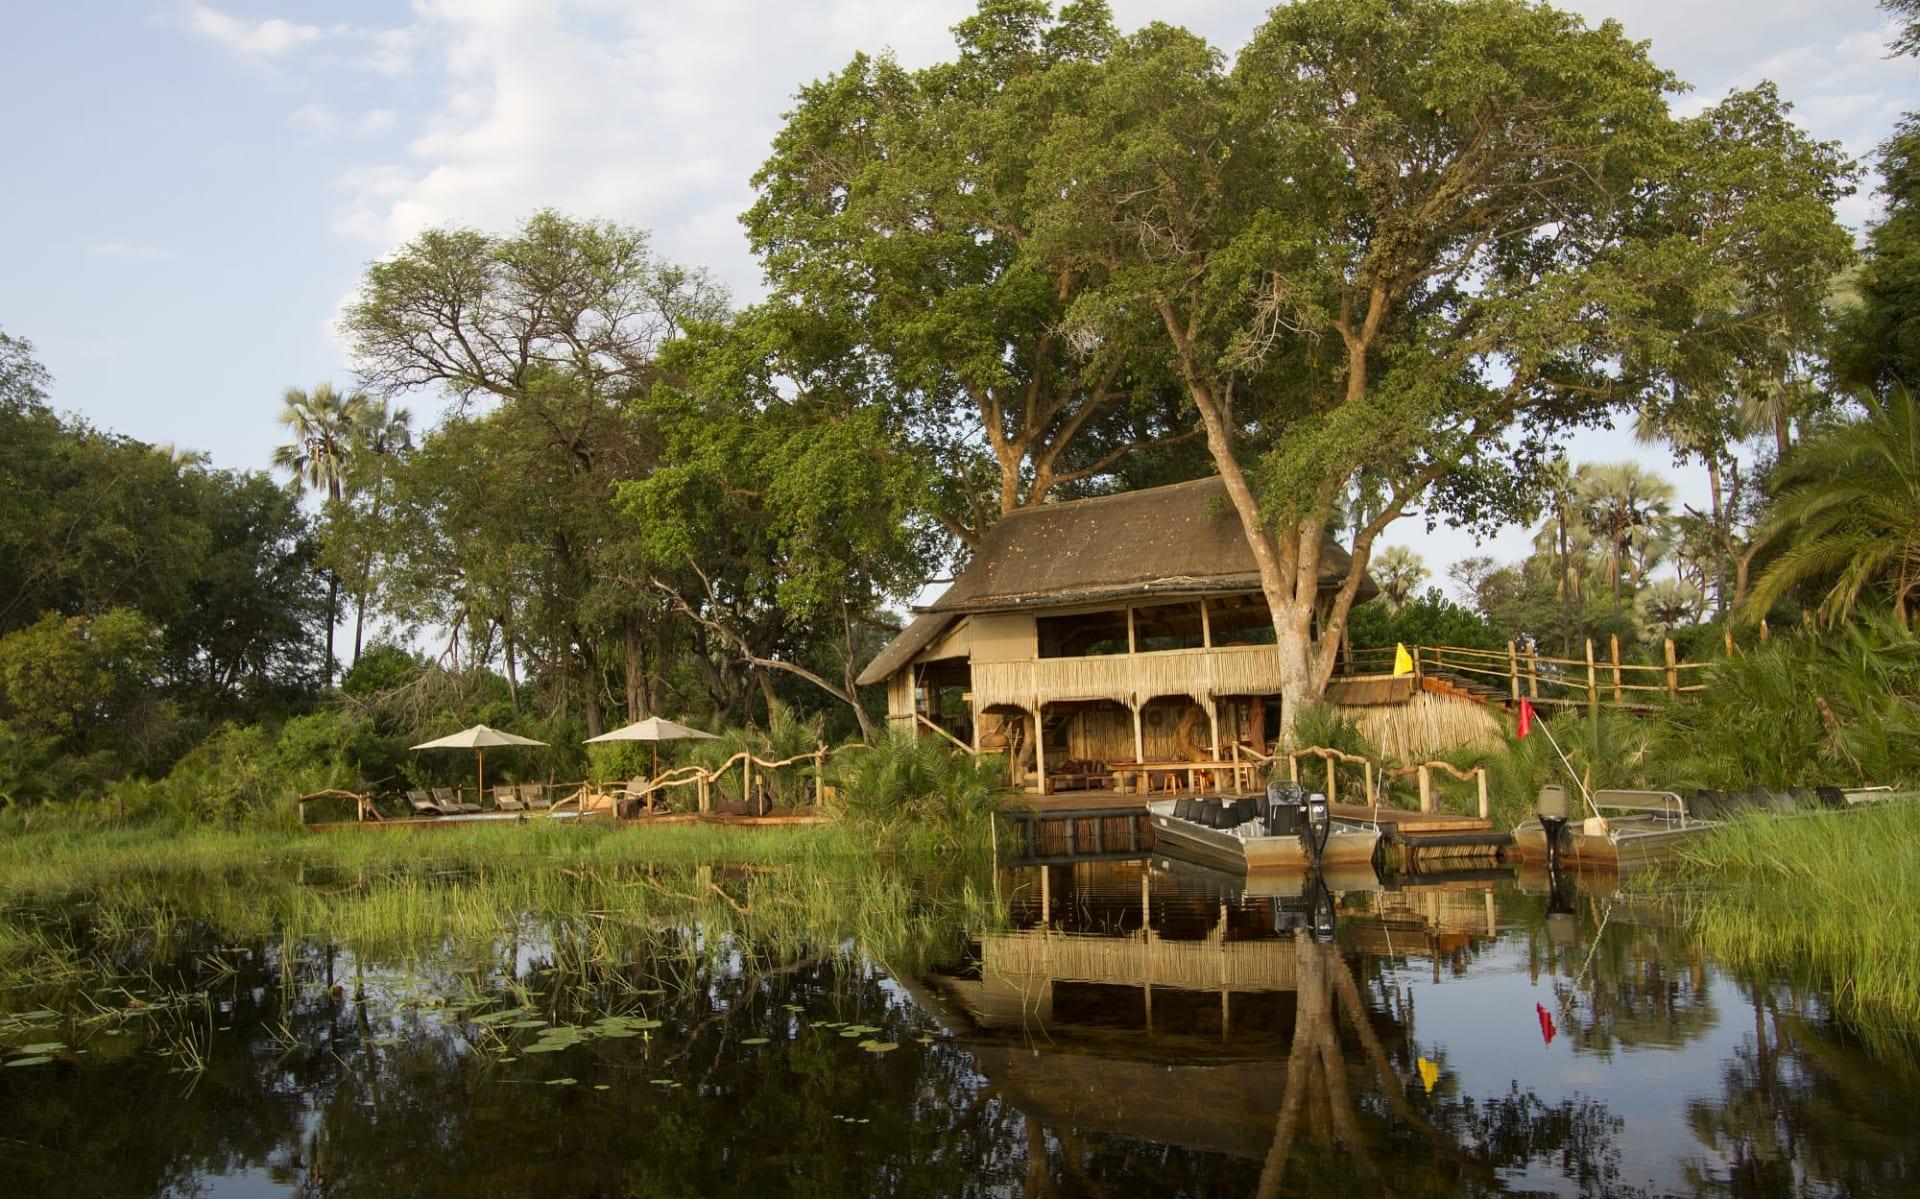 Jacana Camp in Okavango Delta:  Jacana Camp